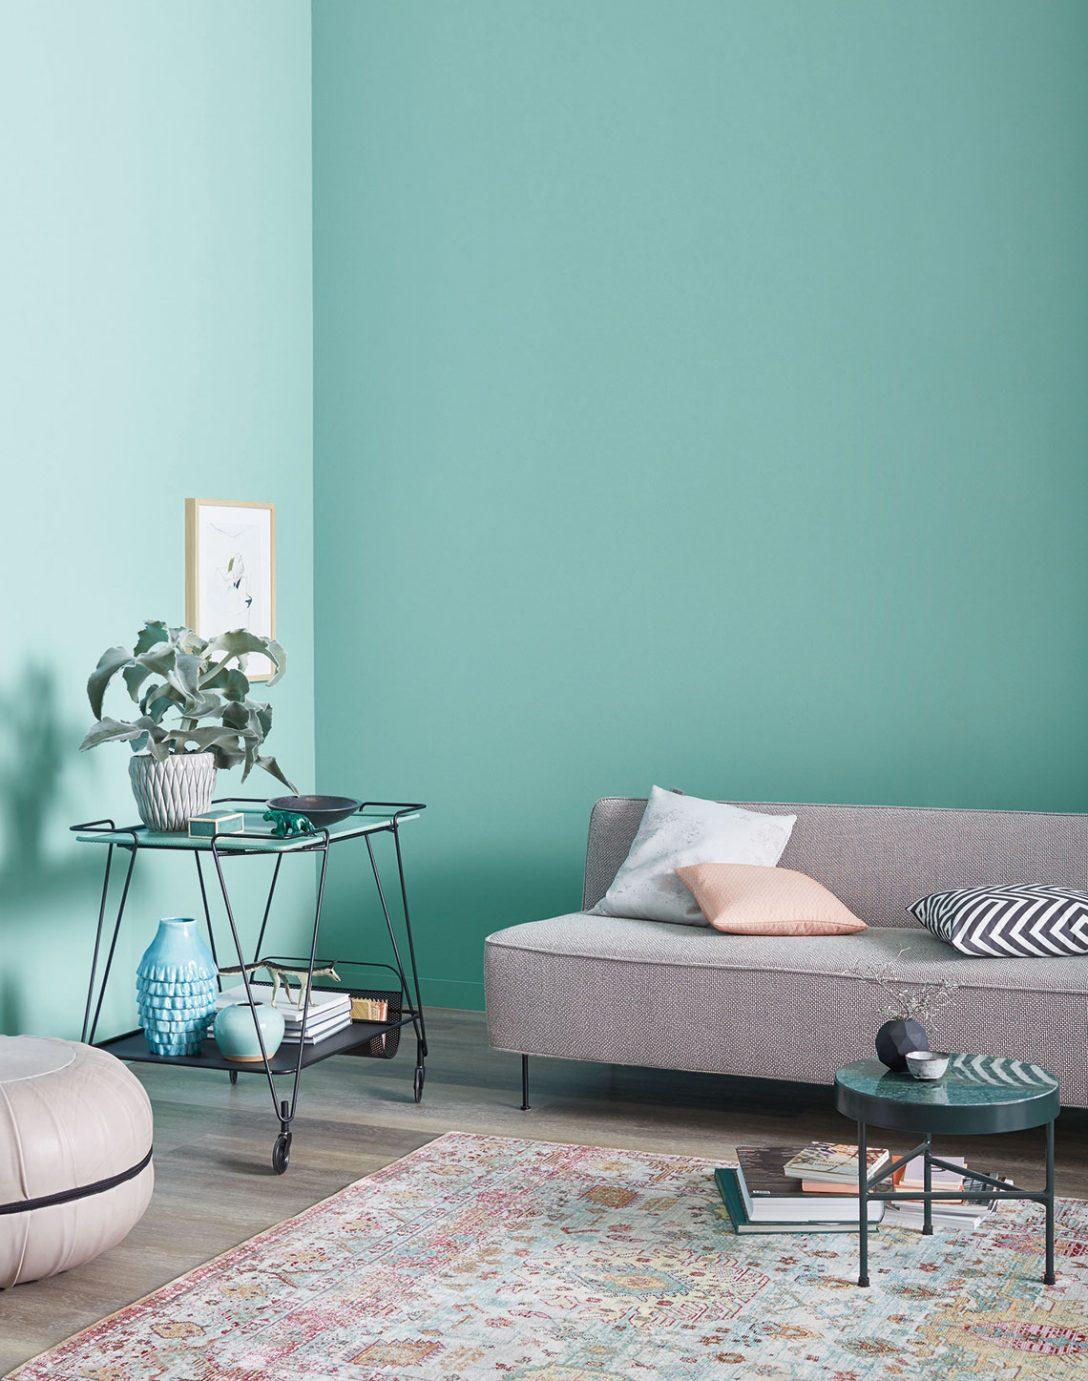 Large Size of Moderne Wandfarben Deckenleuchte Wohnzimmer Bilder Fürs Modernes Bett 180x200 Landhausküche Duschen Sofa Esstische Wohnzimmer Moderne Wandfarben